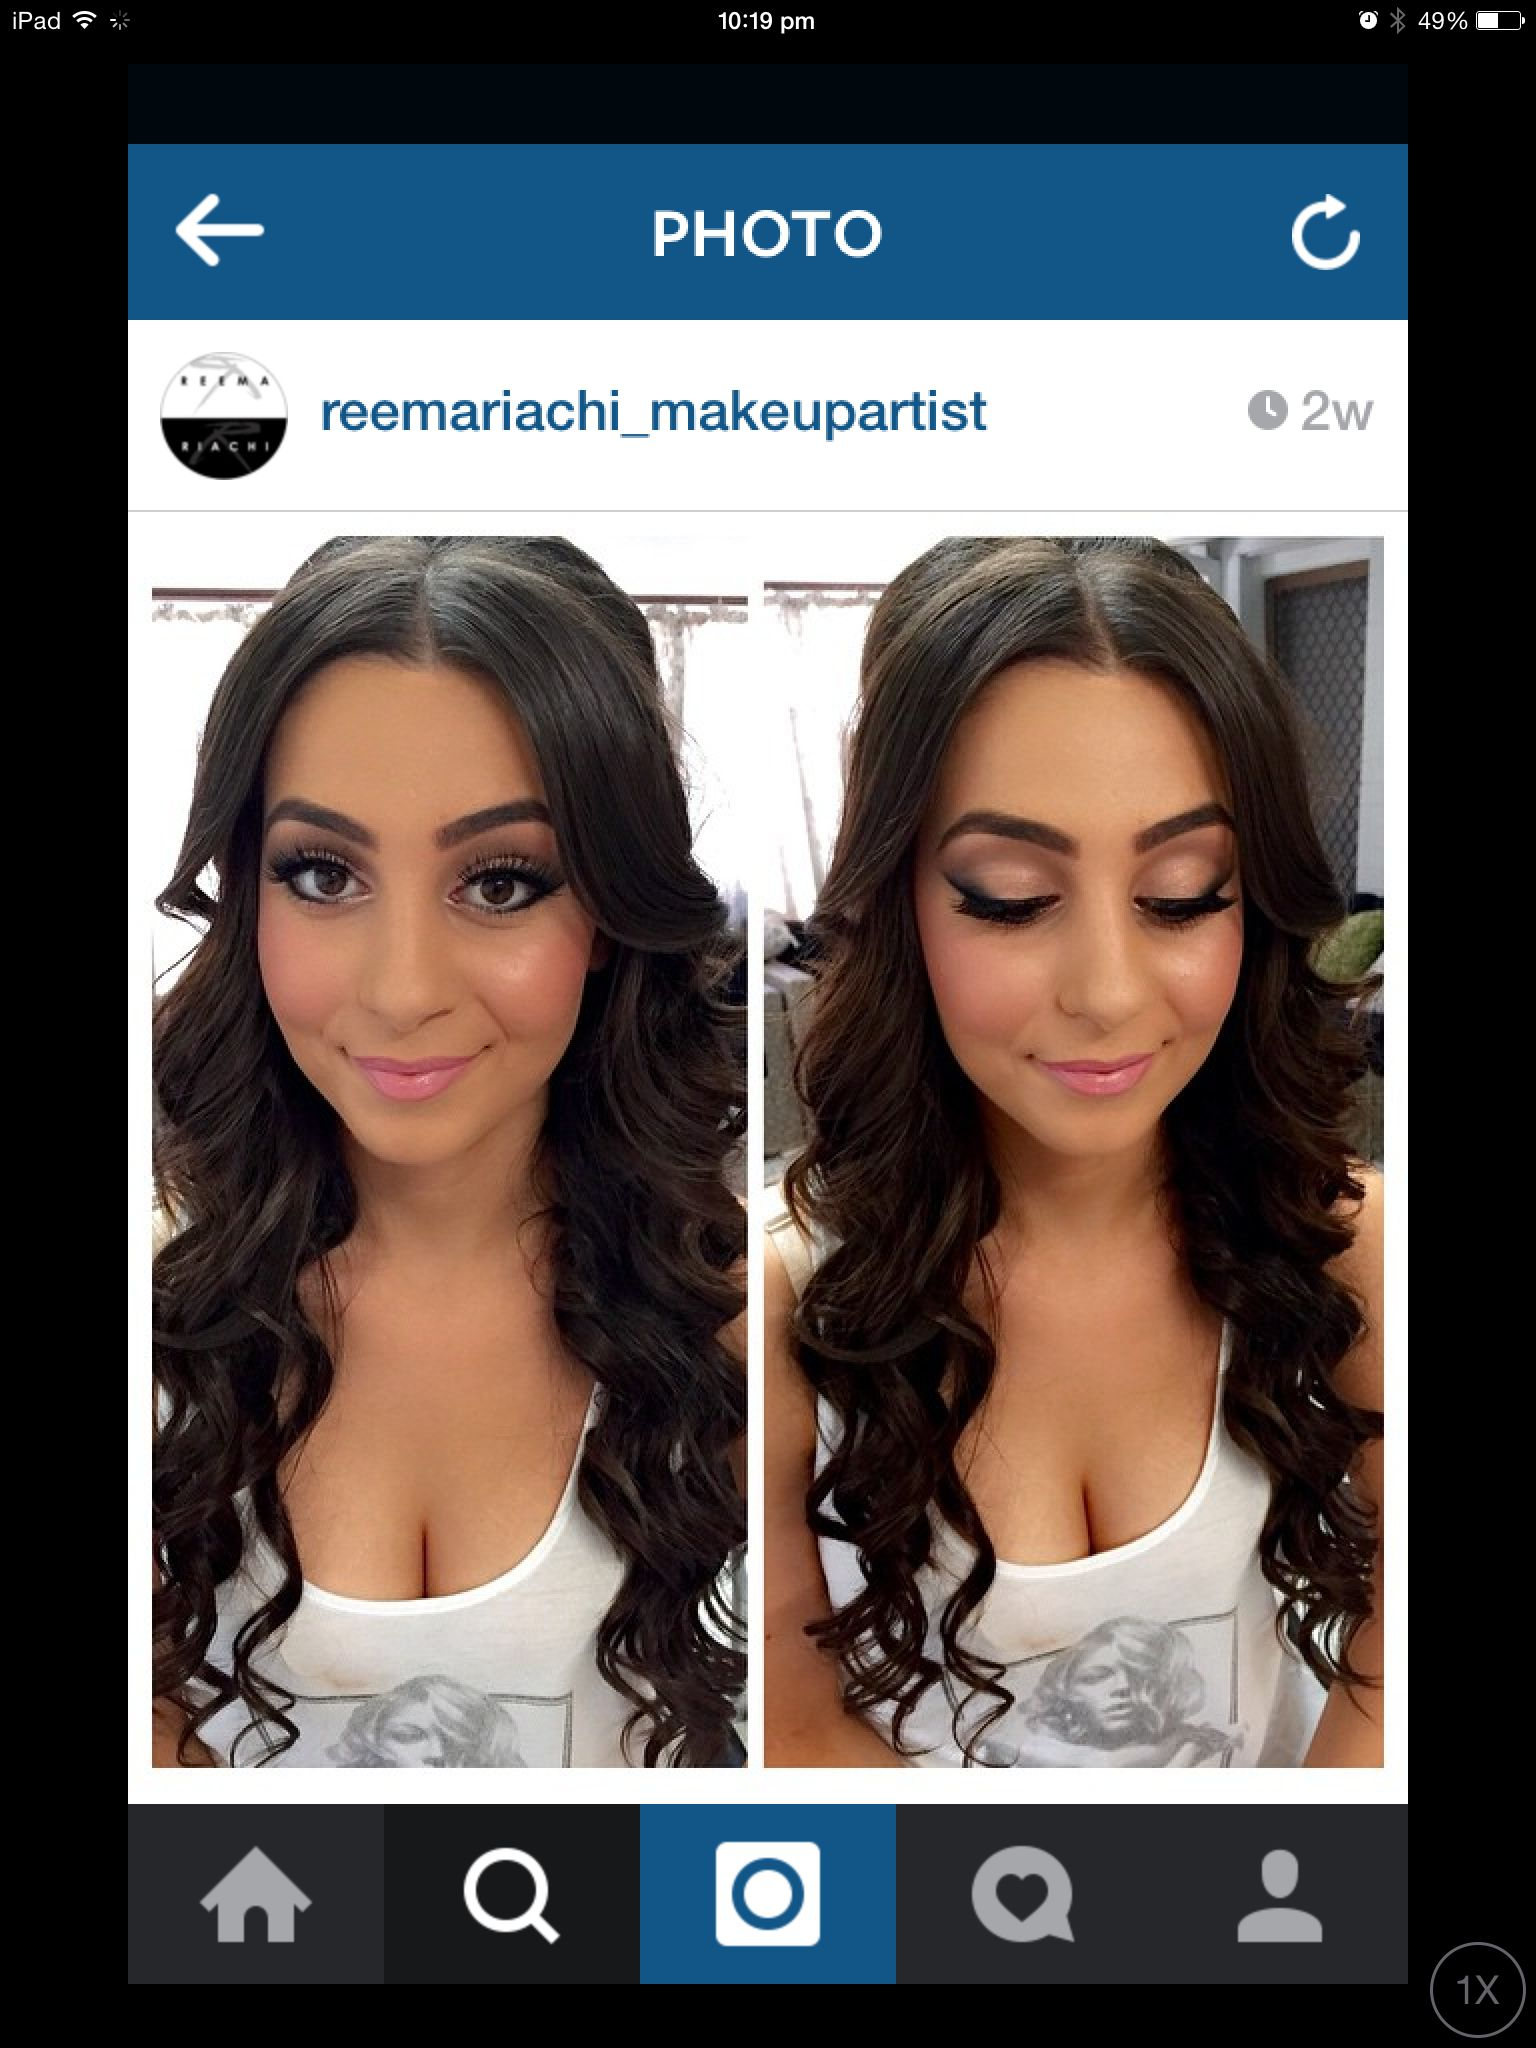 Re mariachi Makeup Artist Hair styles, Beauty, Makeup artist